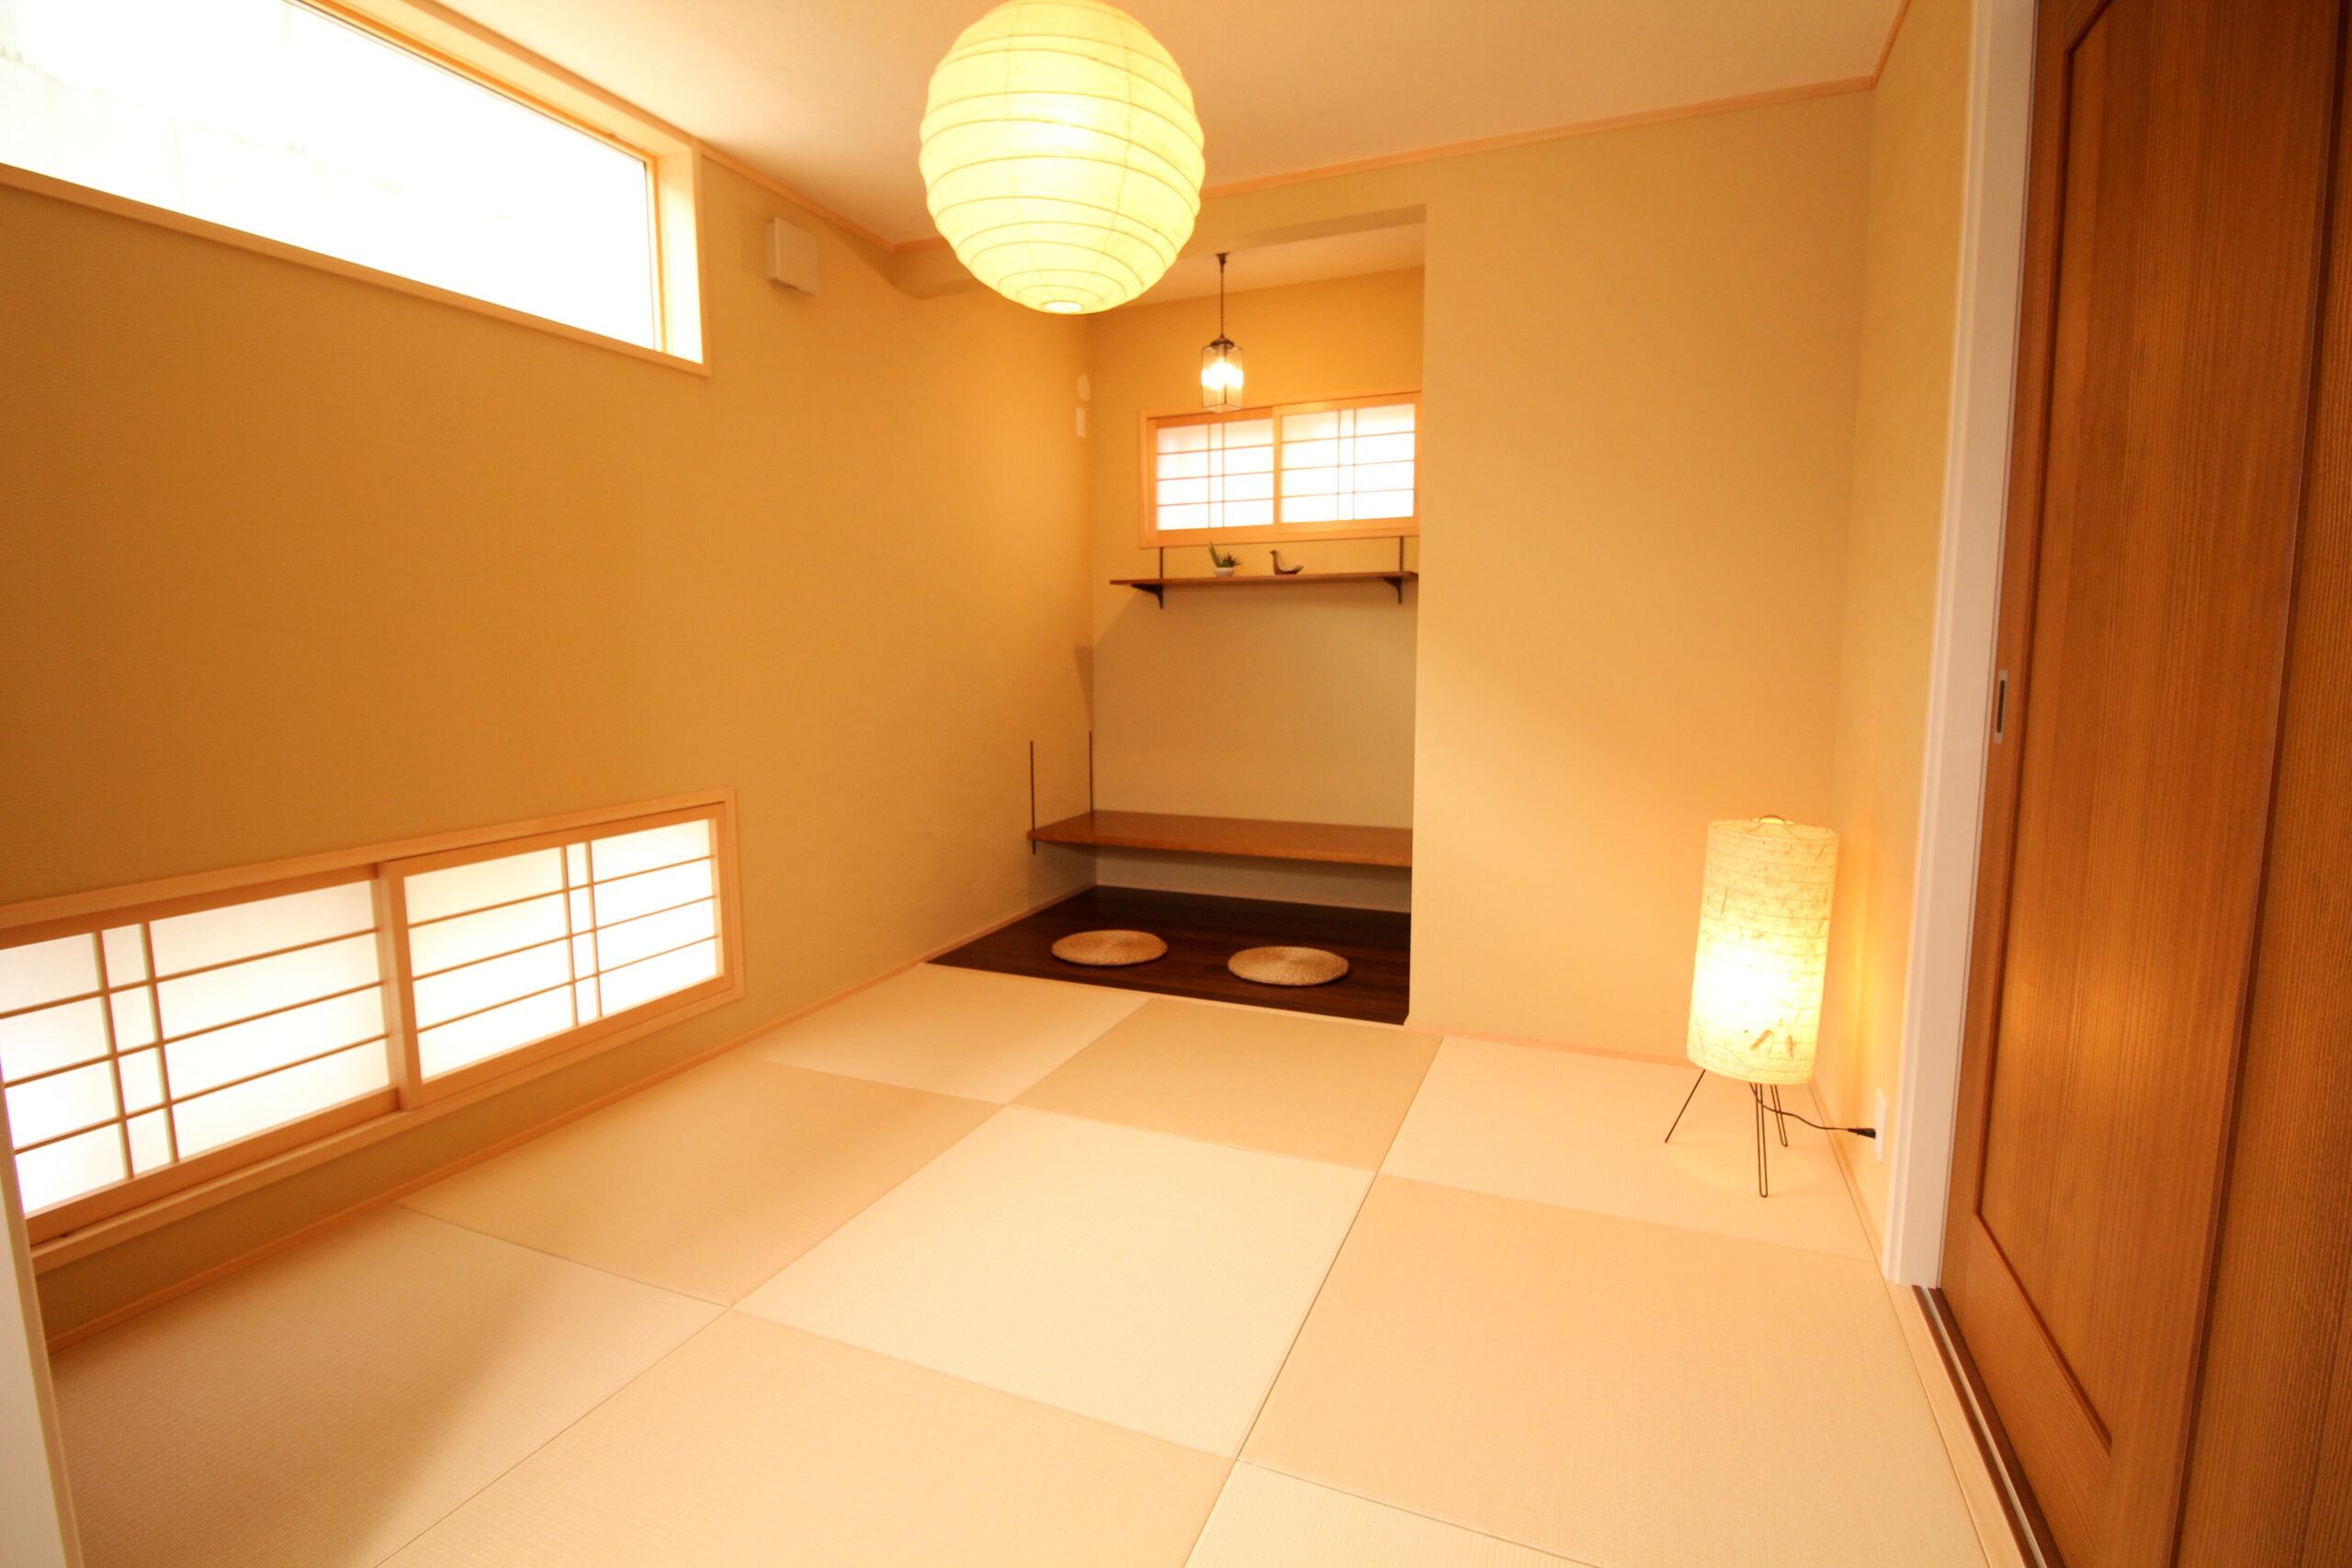 【ご来場可能なモデルハウス🏡】加古川市の築50年の一軒家を全面リノベーション!10